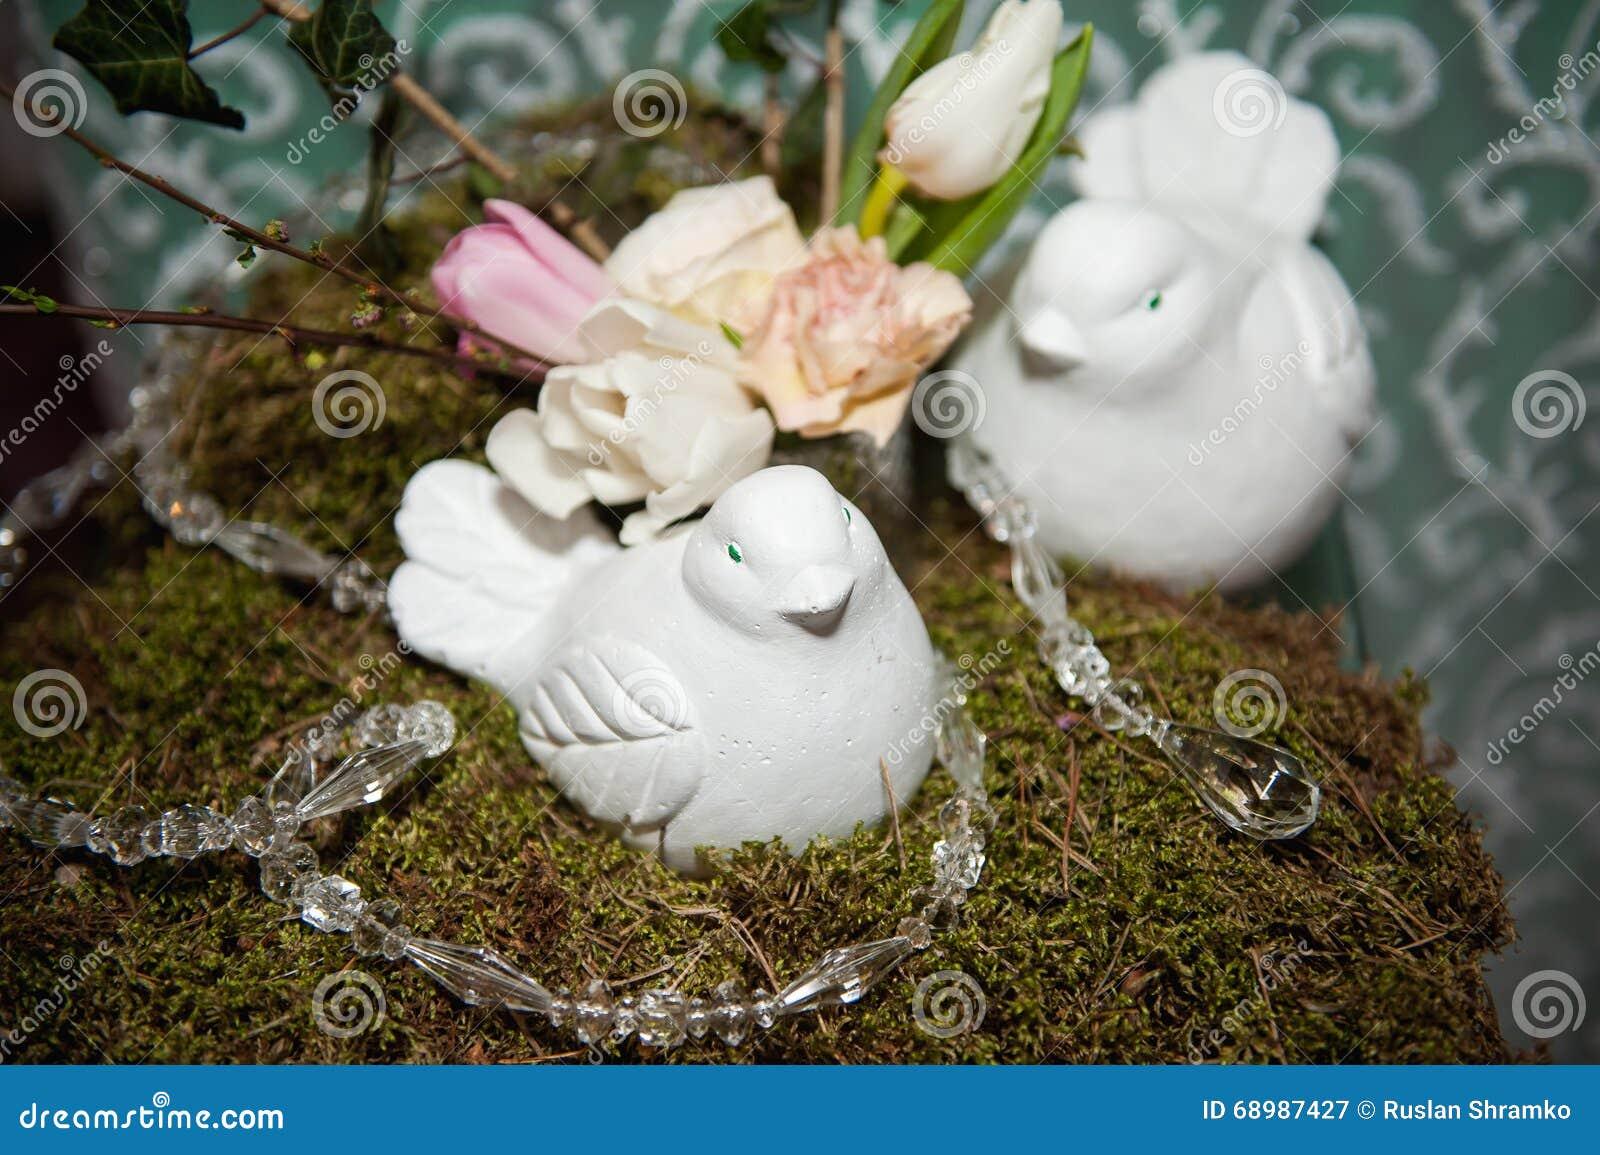 Presente el ajuste para casarse o el evento con las palomas